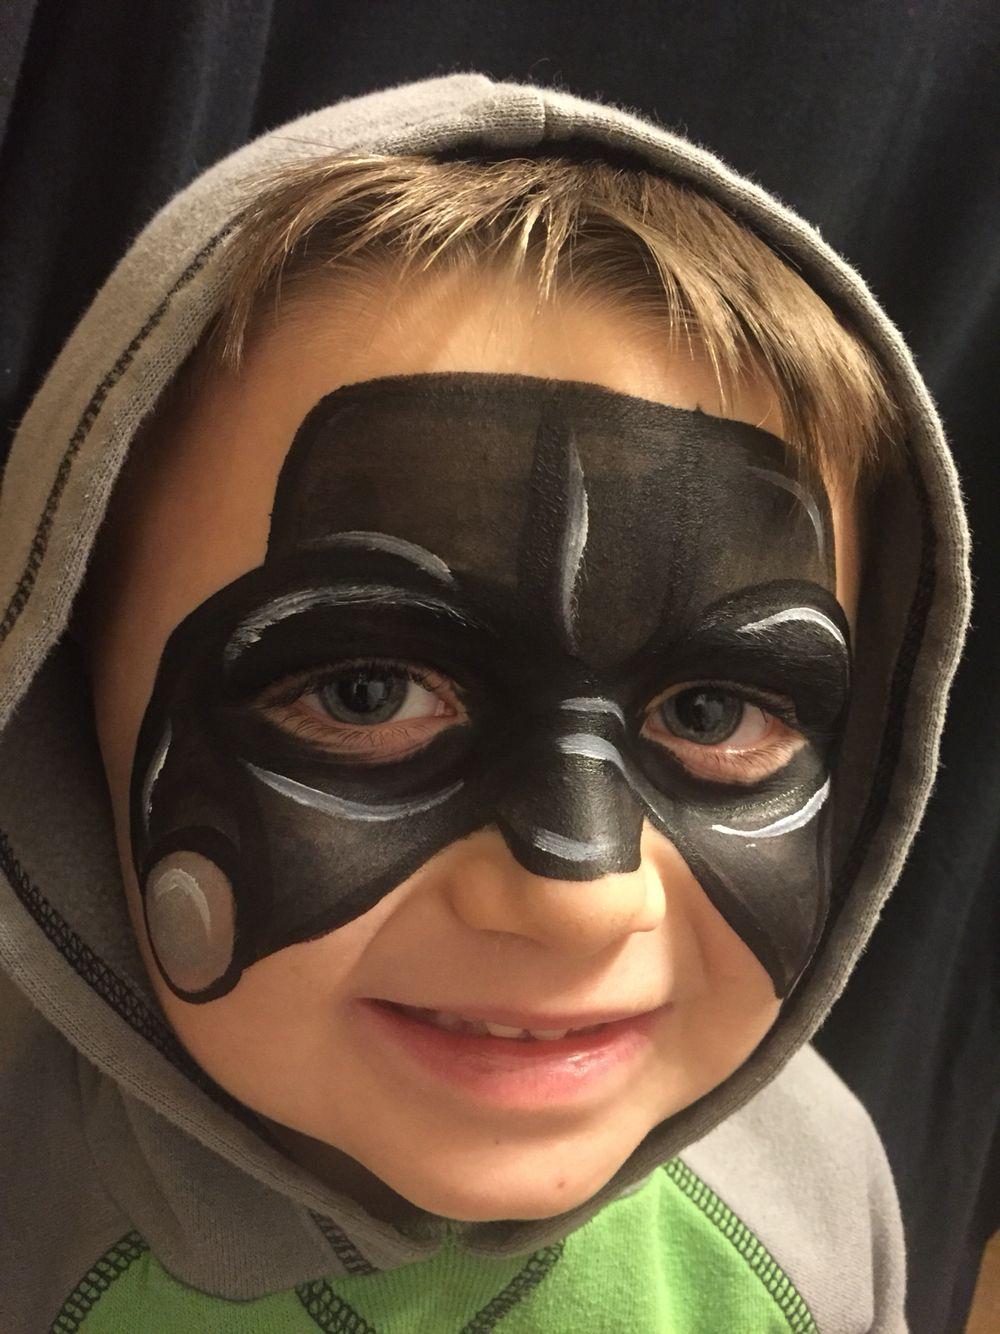 Little Darth Vader Facepaint Wichita Justfaceitfacepainting Starwars Darth Vader Makeup Darth Vader Face Paint Darth Vader Face